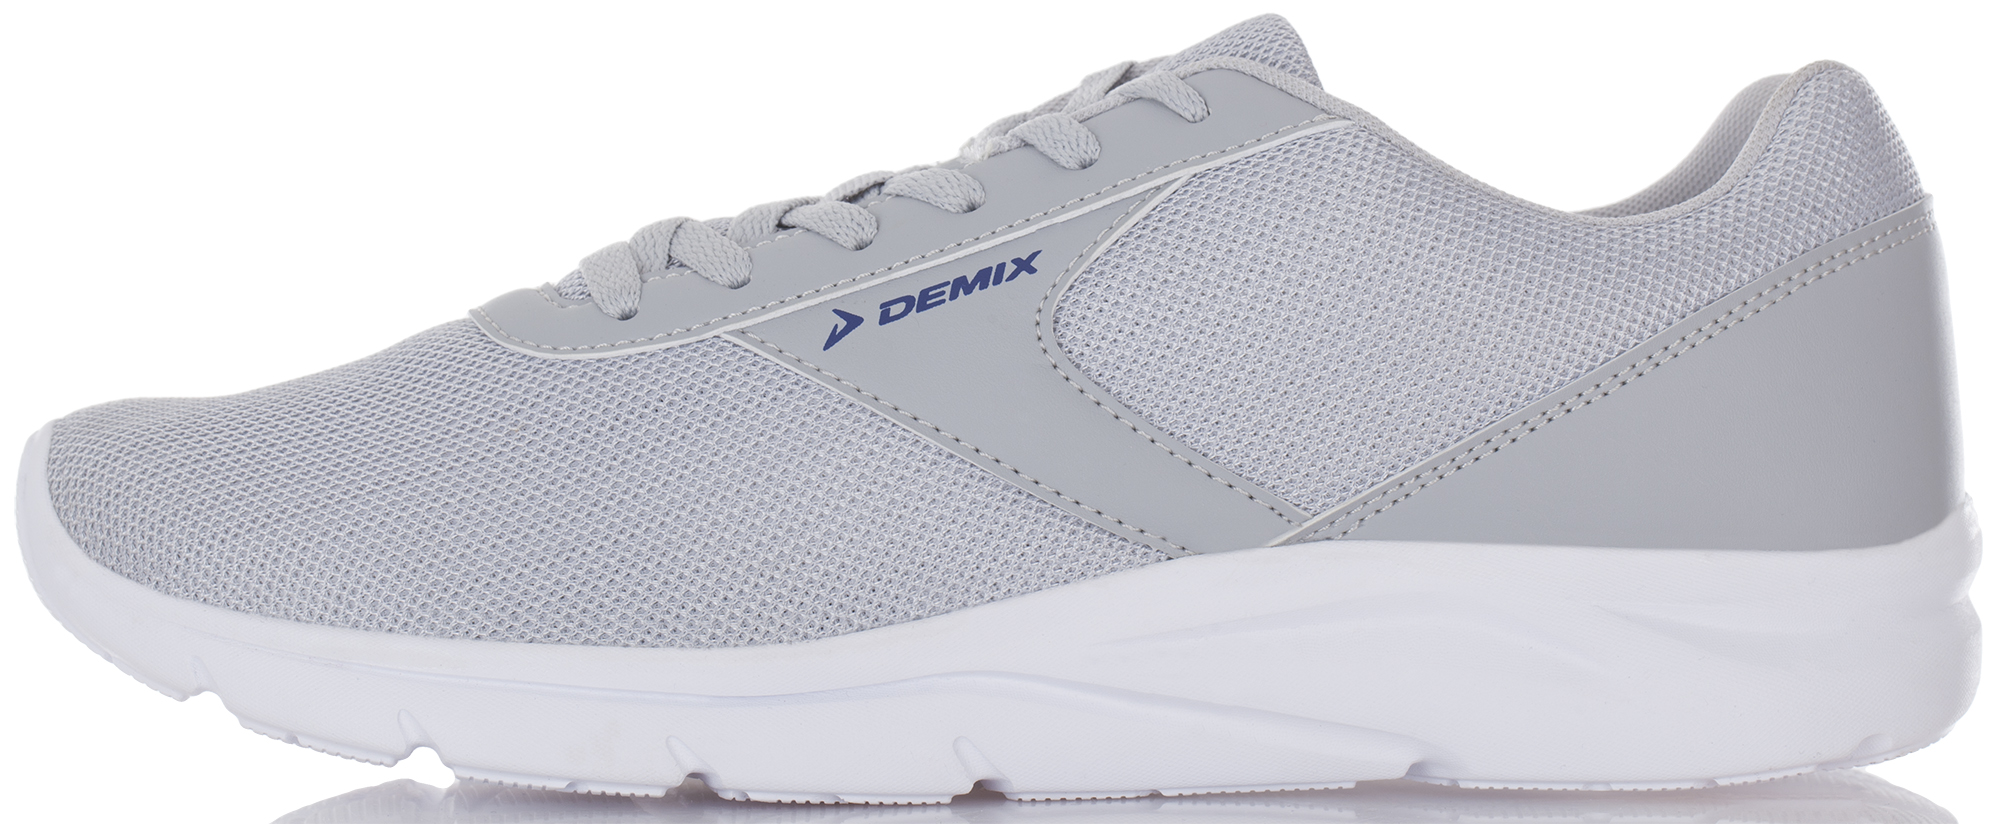 Фото - Demix Кроссовки мужские Demix Fluid, размер 45 кроссовки мужские твое цвет белый a4390 размер 45